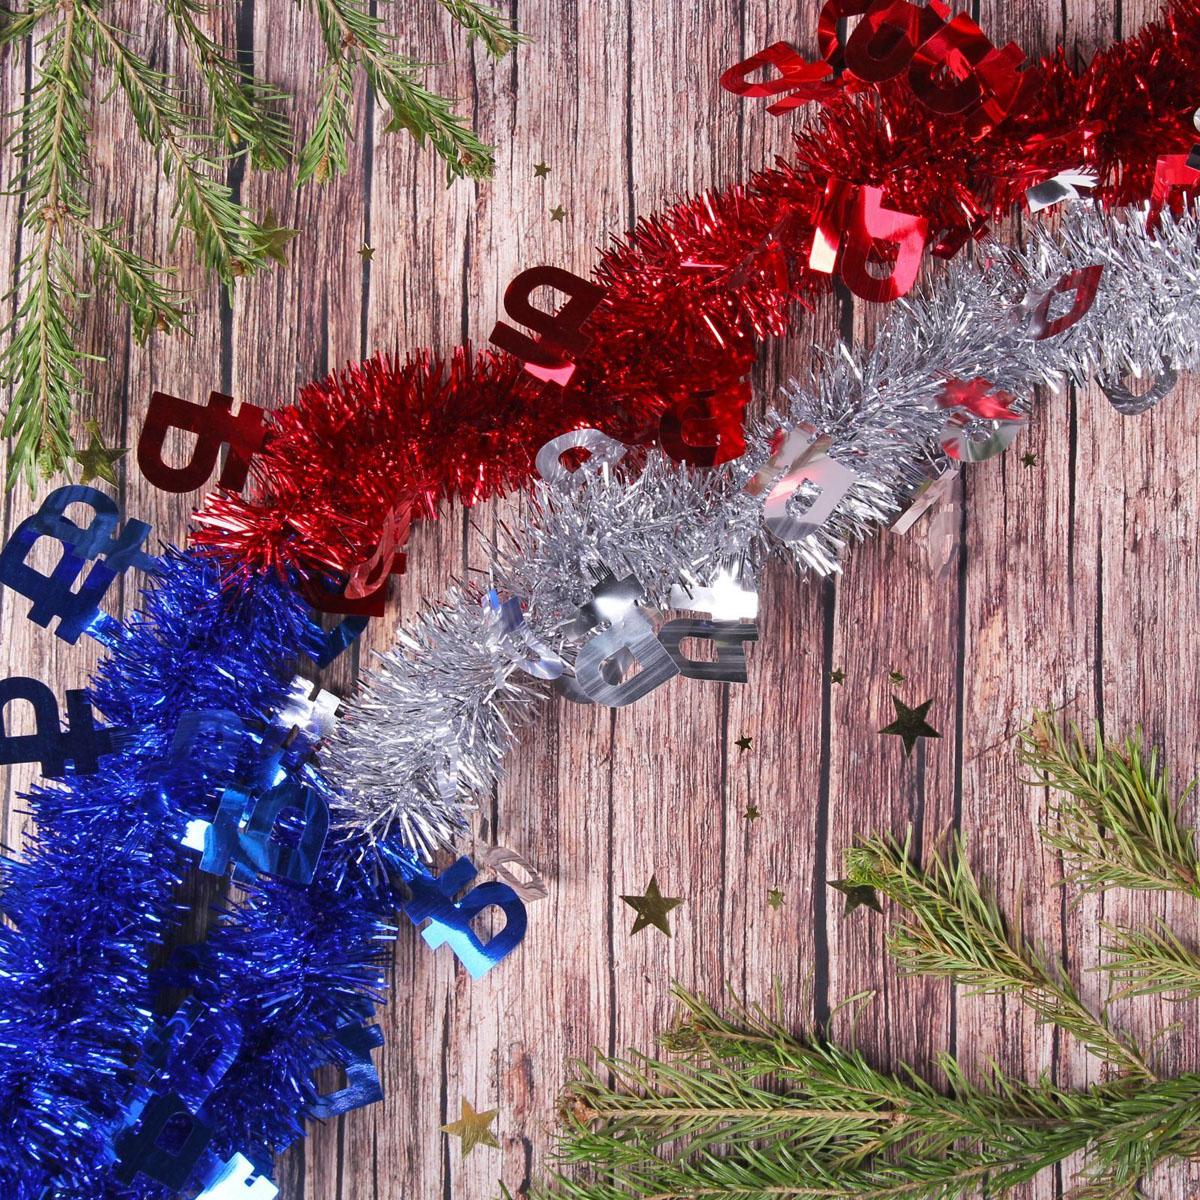 Мишура новогодняя Sima-land Рубль, цвет: синий, диаметр 5 см, длина 2 м. 23176412317641Мишура новогодняя Sima-land, выполненная из фольги с фигурками, поможет вам украсить свой дом к предстоящим праздникам.Новогодней мишурой можно украсить все, что угодно - елку, квартиру, дачу, офис -как внутри, так и снаружи. Можно сложить новогодние поздравления, буквы ицифры, мишурой можно украсить и дополнить гирлянды, можновыделить дверные колонны, оплести дверные проемы.Мишура принесет в ваш дом ни с чем несравнимое ощущение праздника! Создайтев своем доме атмосферу тепла, веселья и радости, украшая его всей семьей.